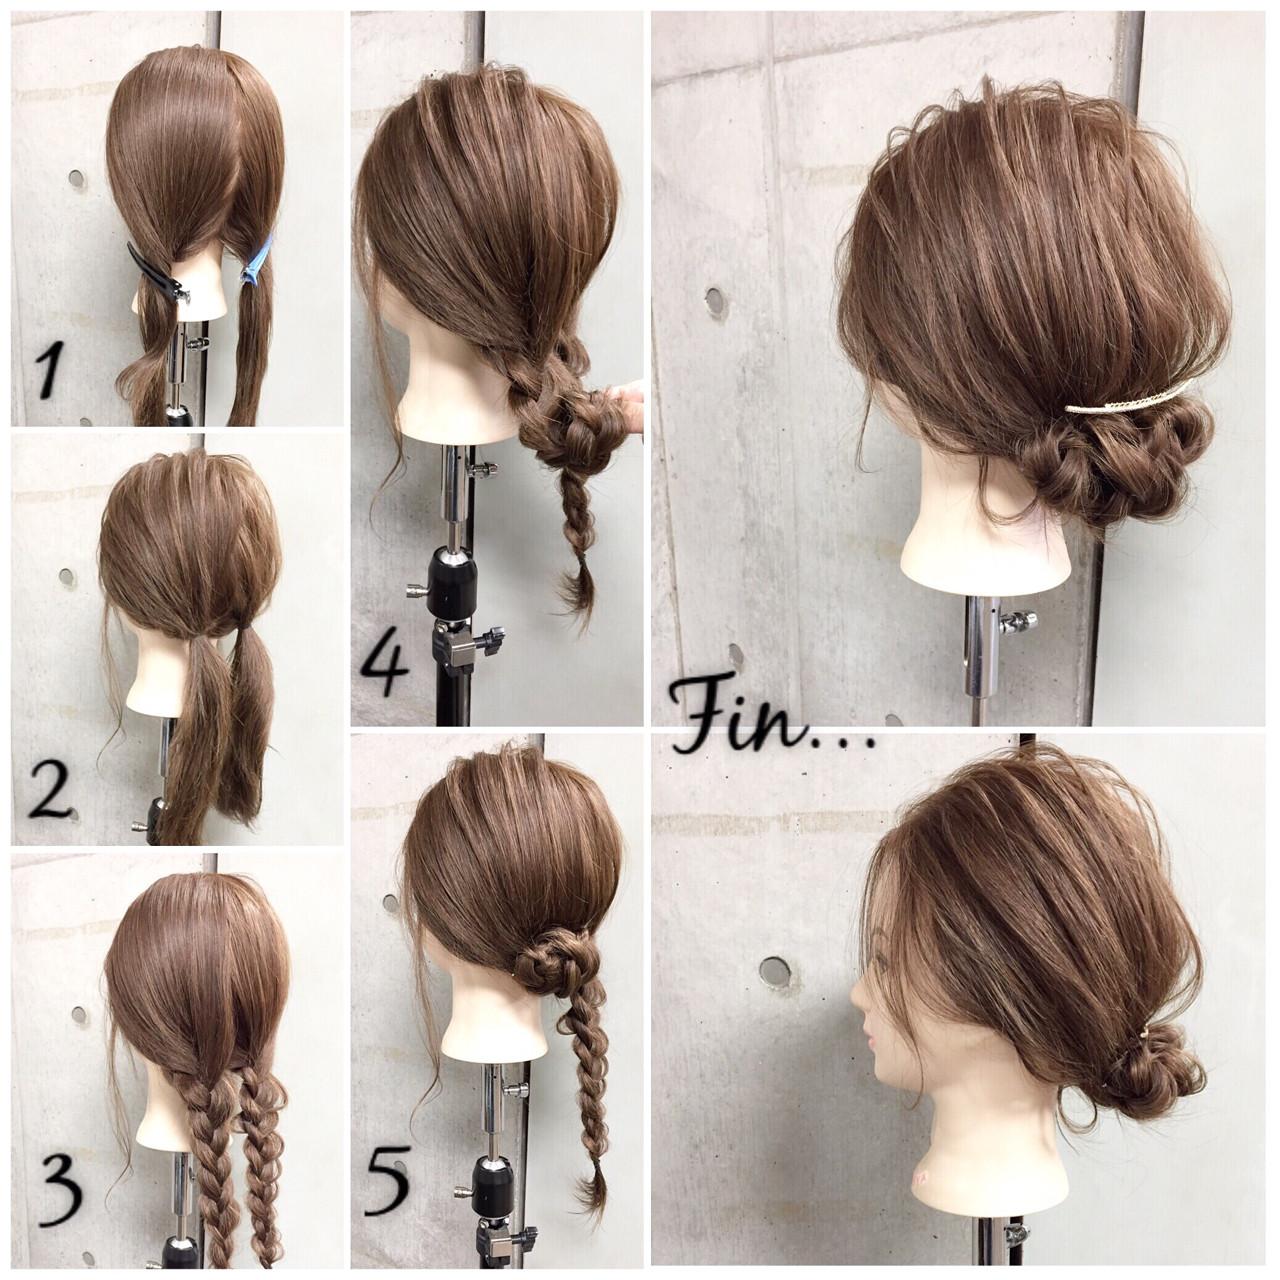 大人女子 セミロング ヘアアレンジ 簡単ヘアアレンジヘアスタイルや髪型の写真・画像